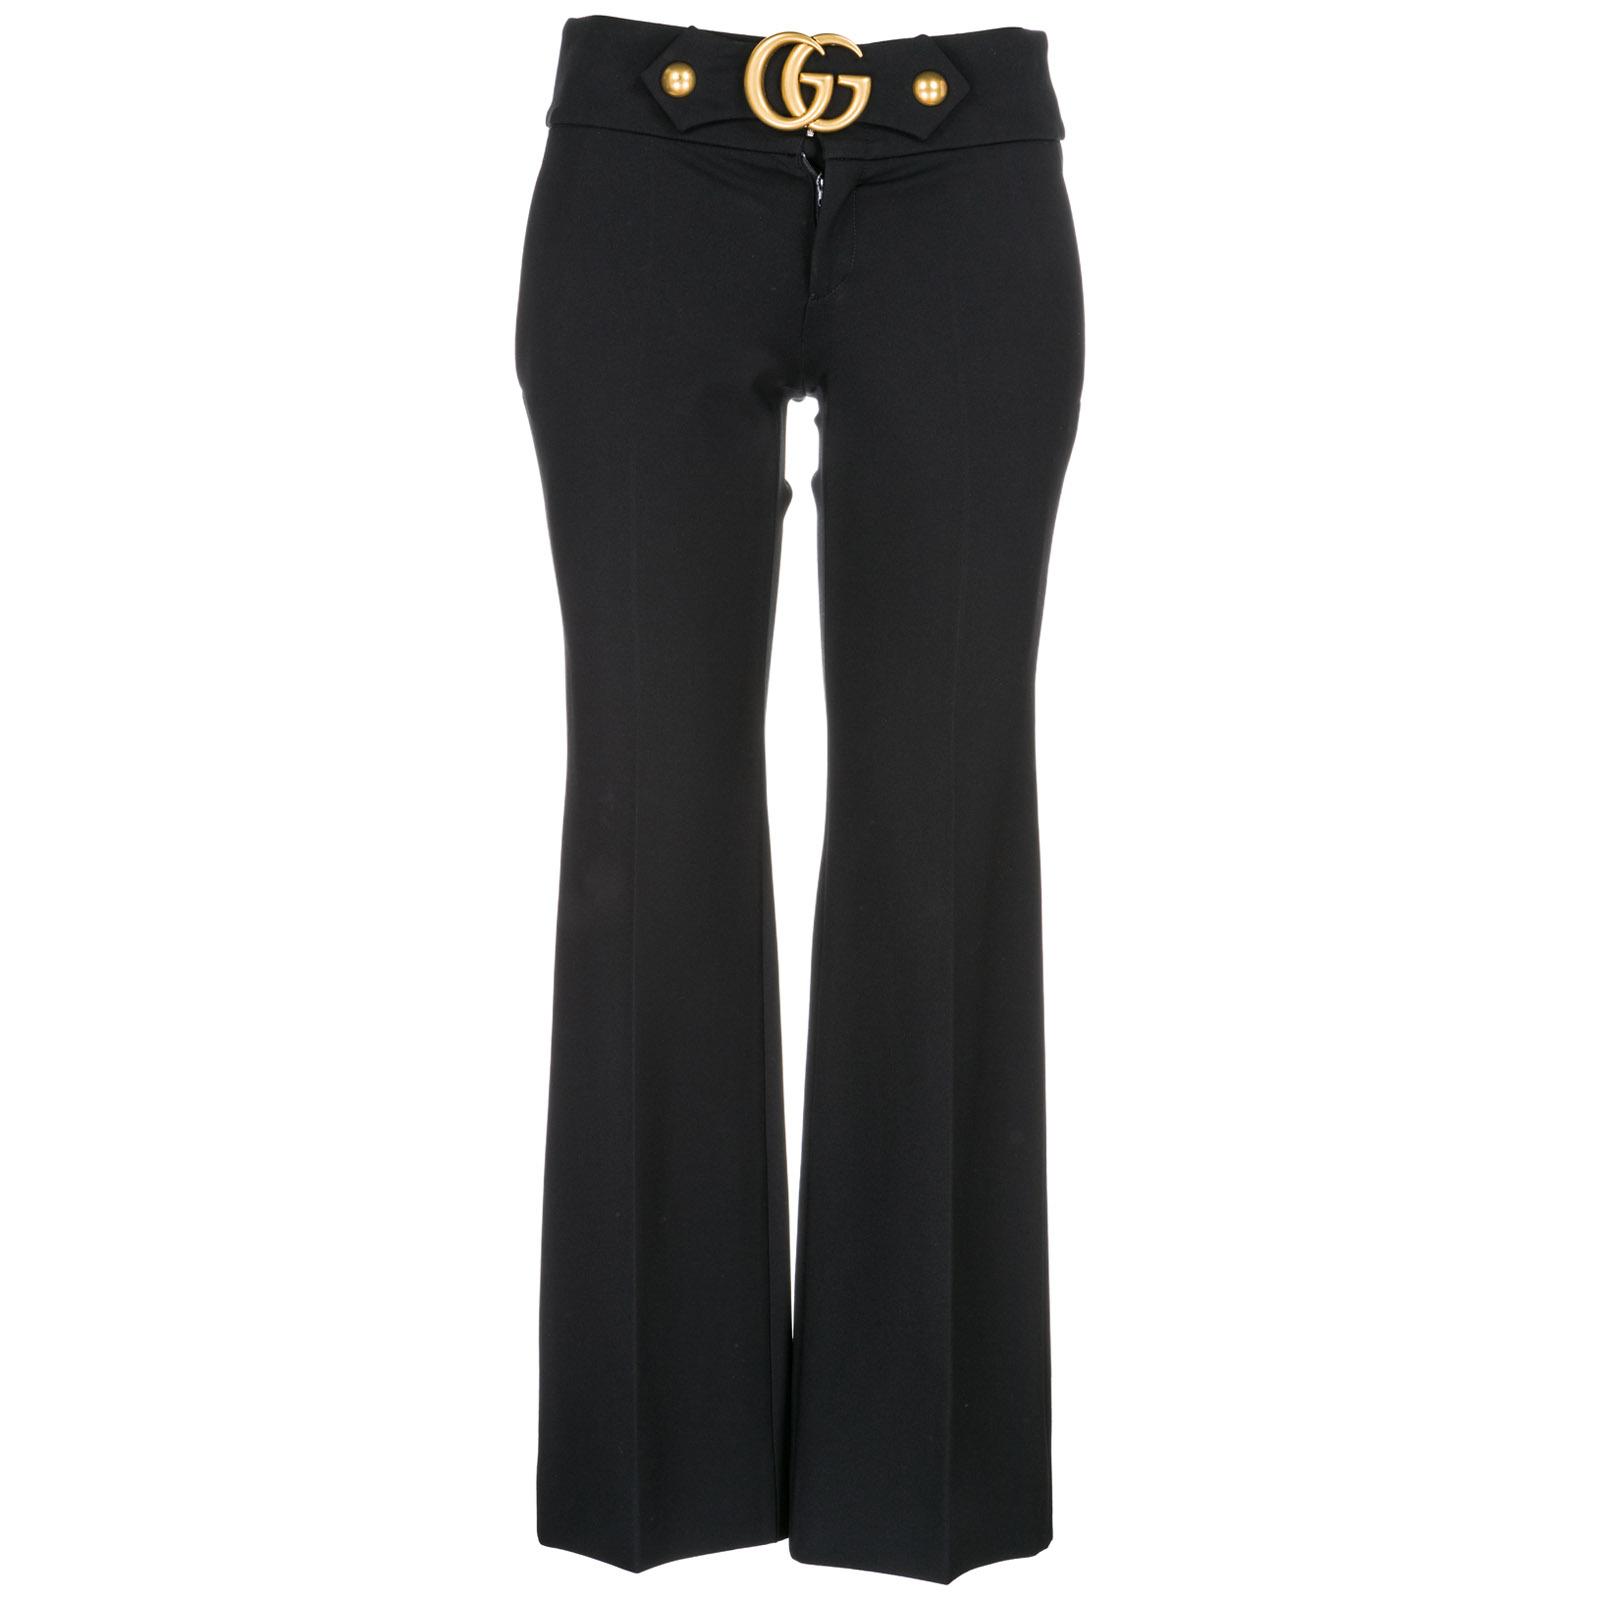 Trousers Gucci 462569 ZIJ15 1000 nero  c1034285f0